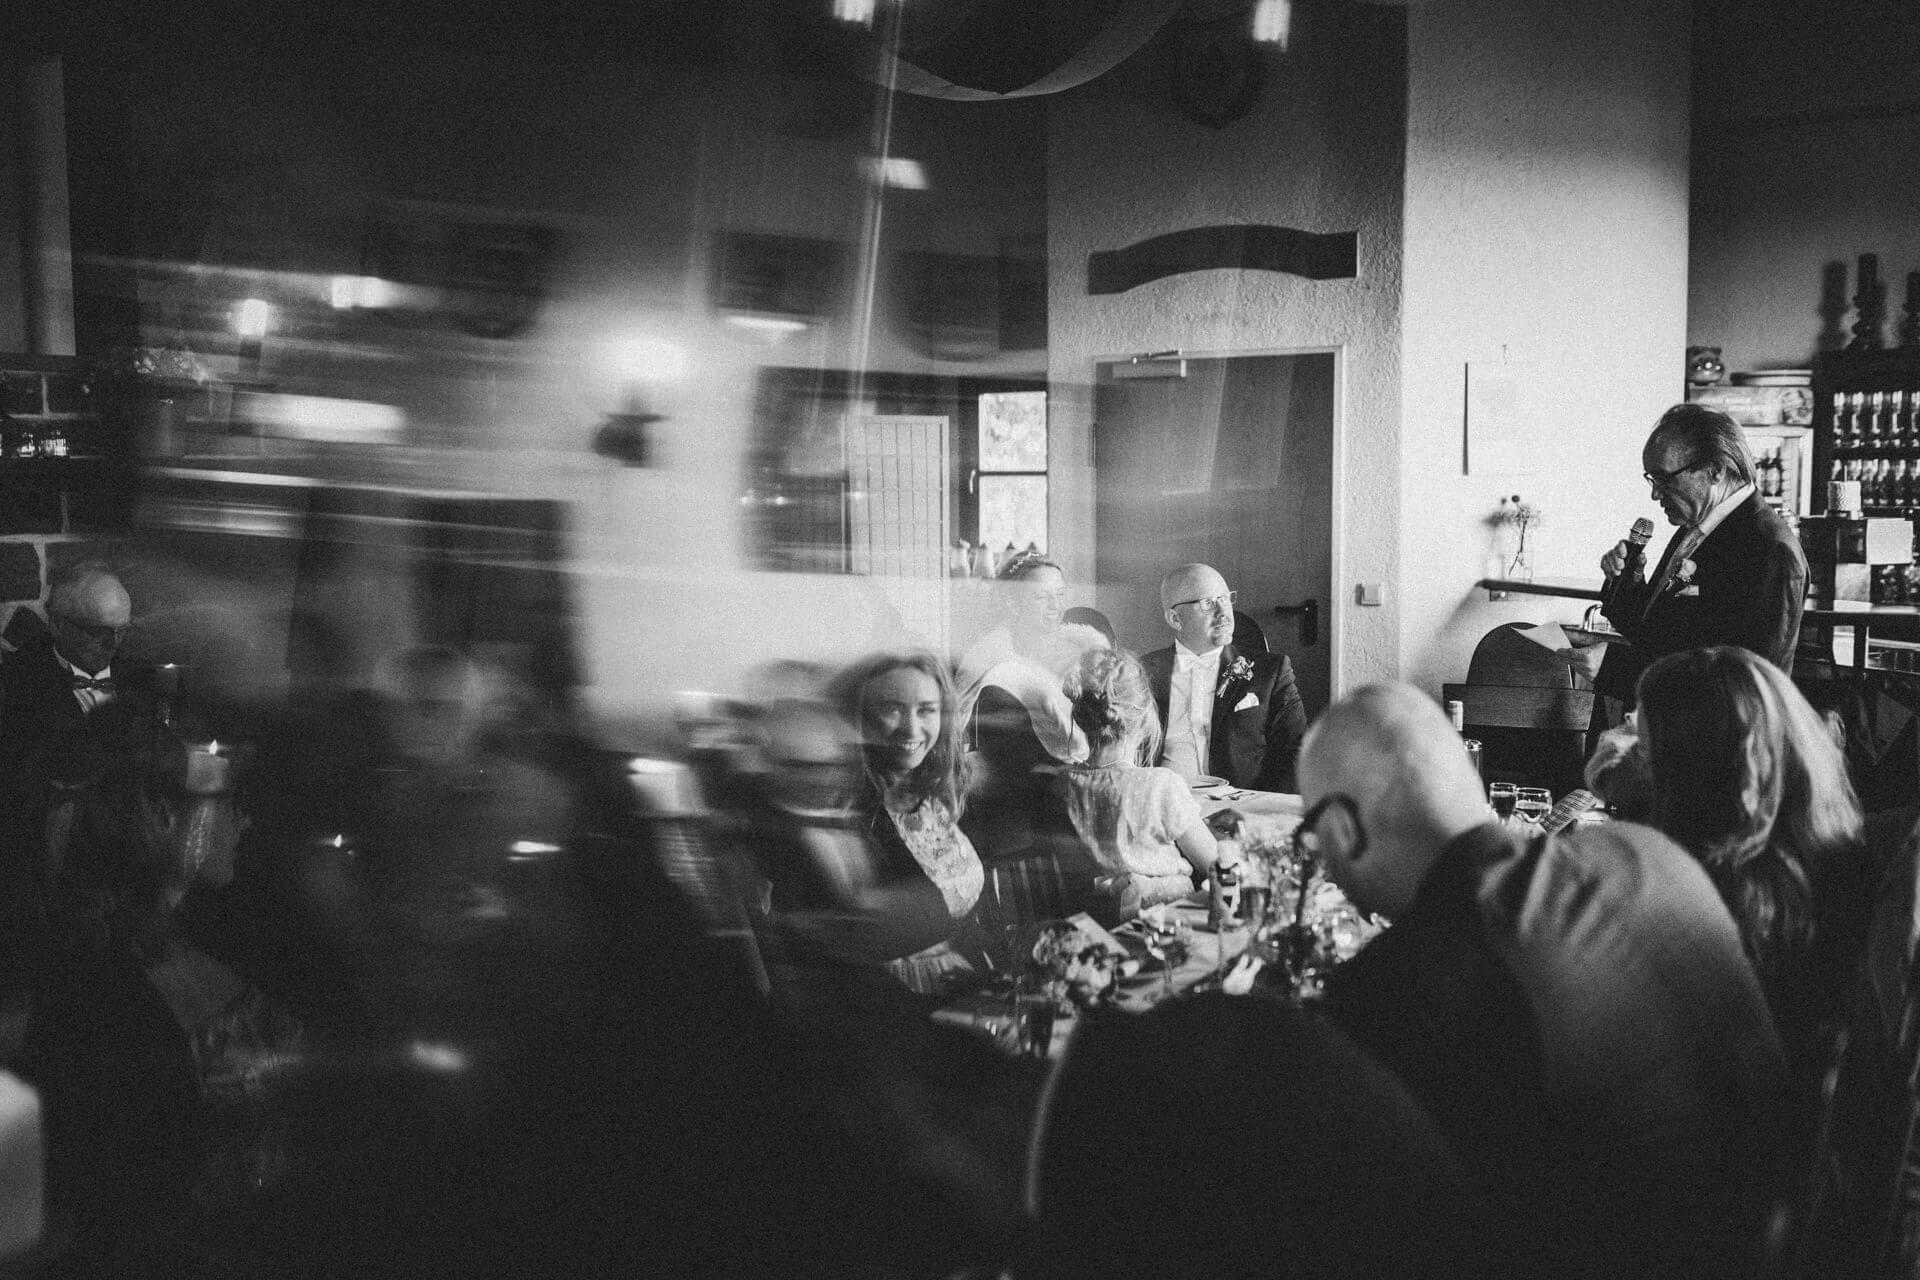 Hochzeitsfotograf Lollar - Hochzeitslocation Burg Staufenberg - kreative und lebendige Hochzeitsreportagen